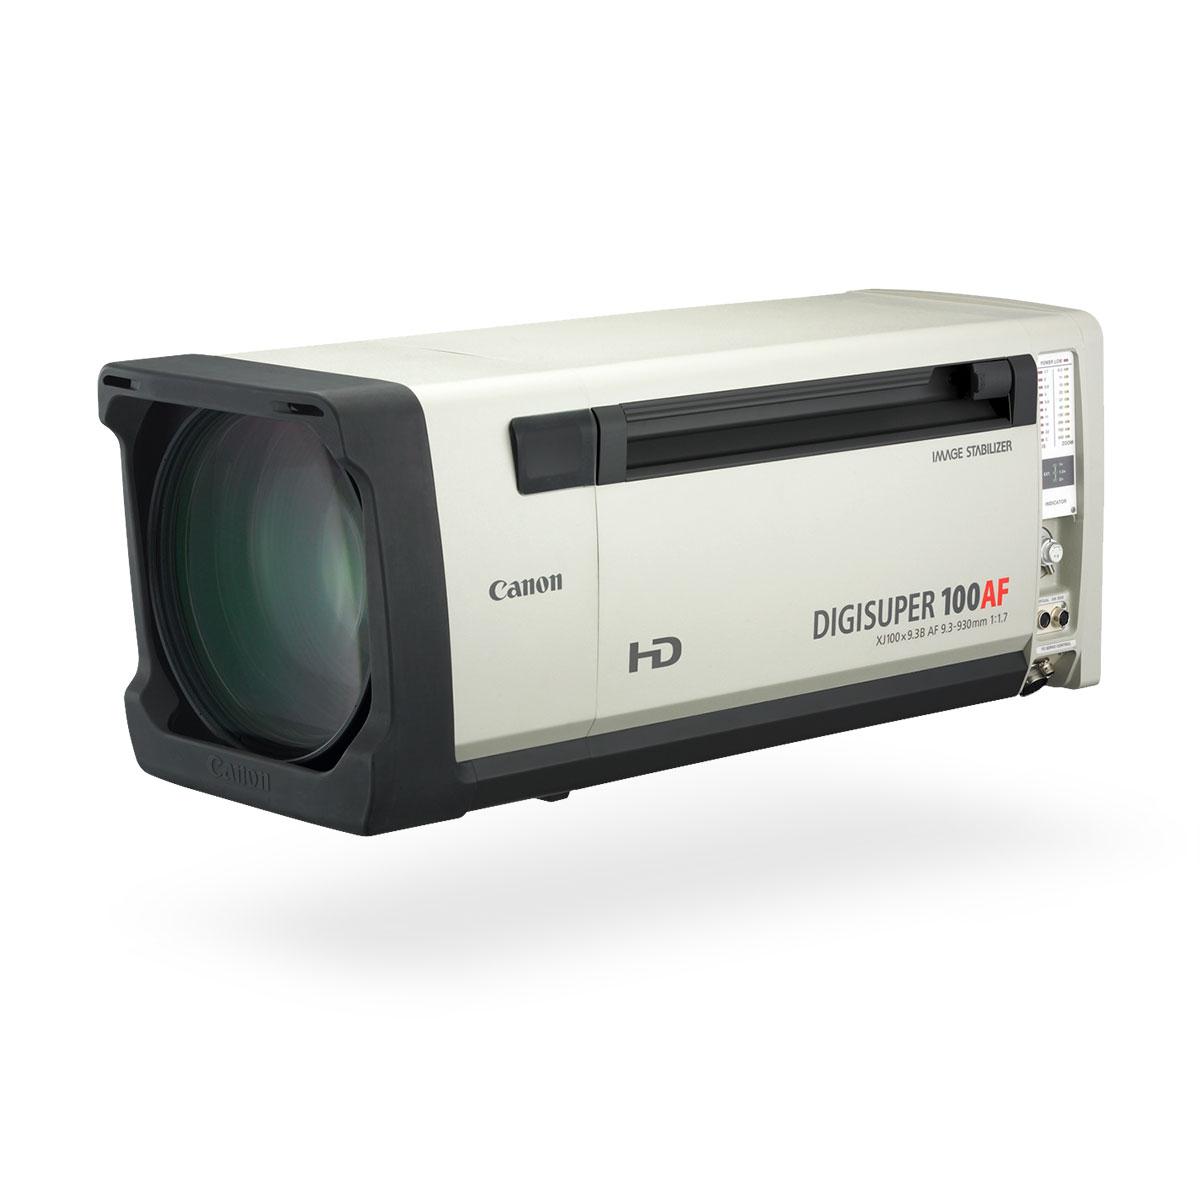 canon digisuper 100af broasdcast lens